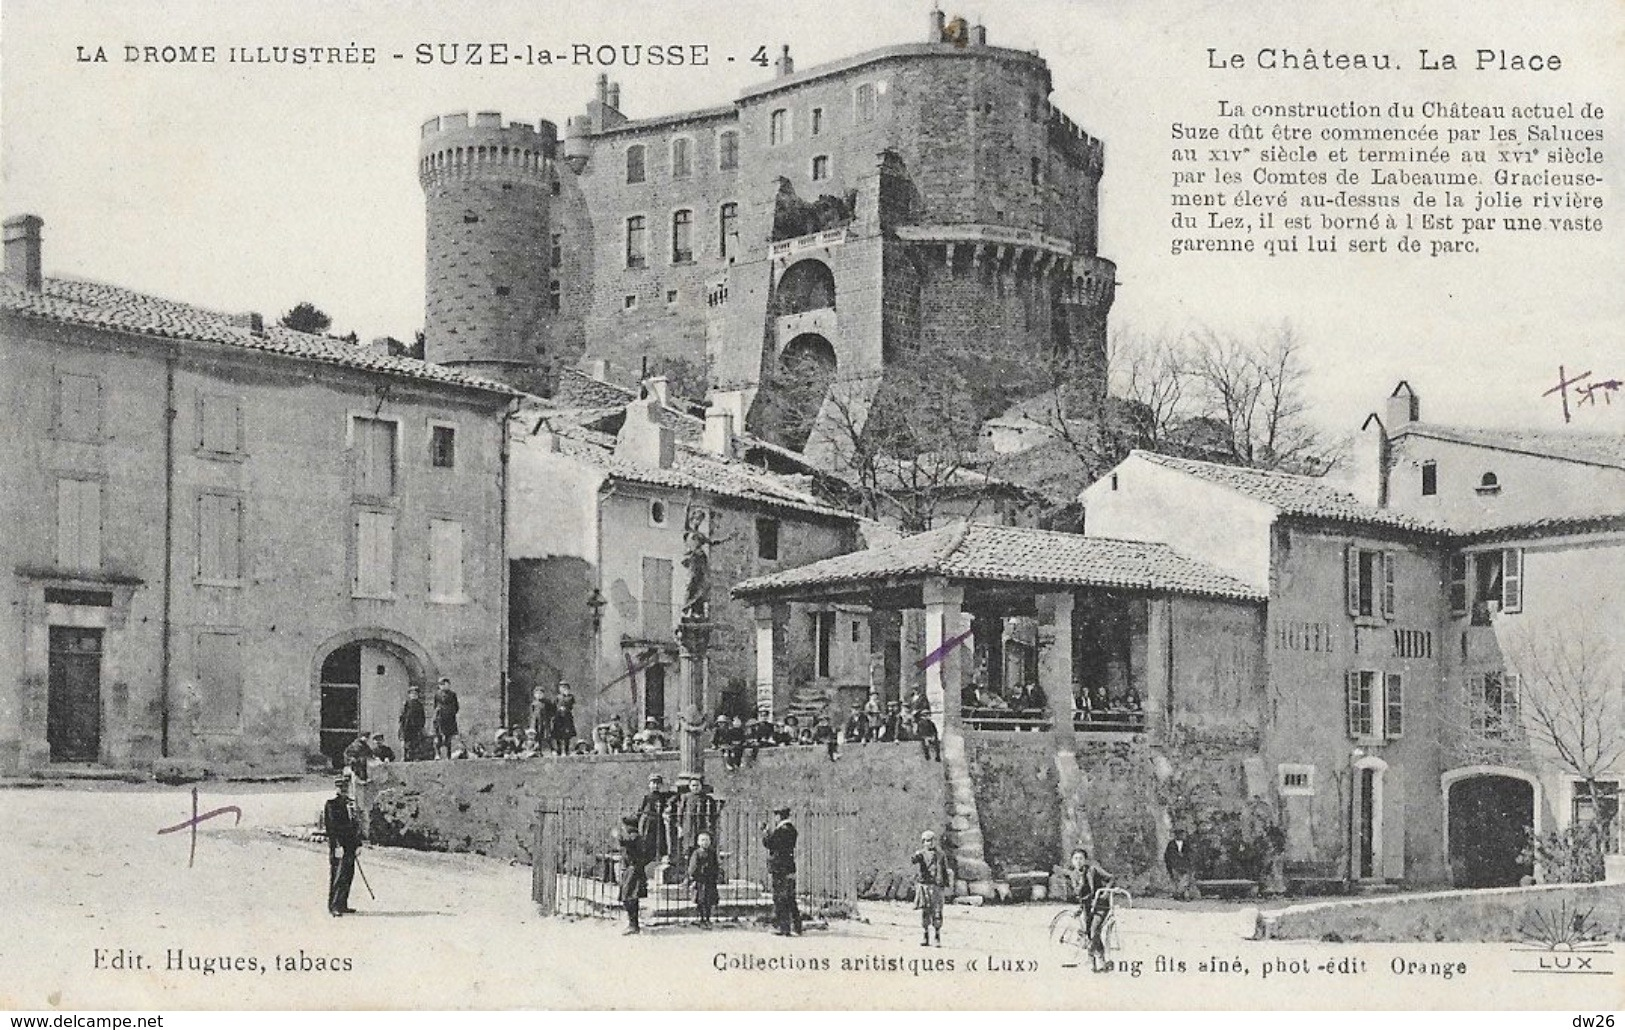 Suze La Rousse (La Drôme Illustrée) - Le Château, La Place - Edition Lang, Collections Artistiques Lux - Francia